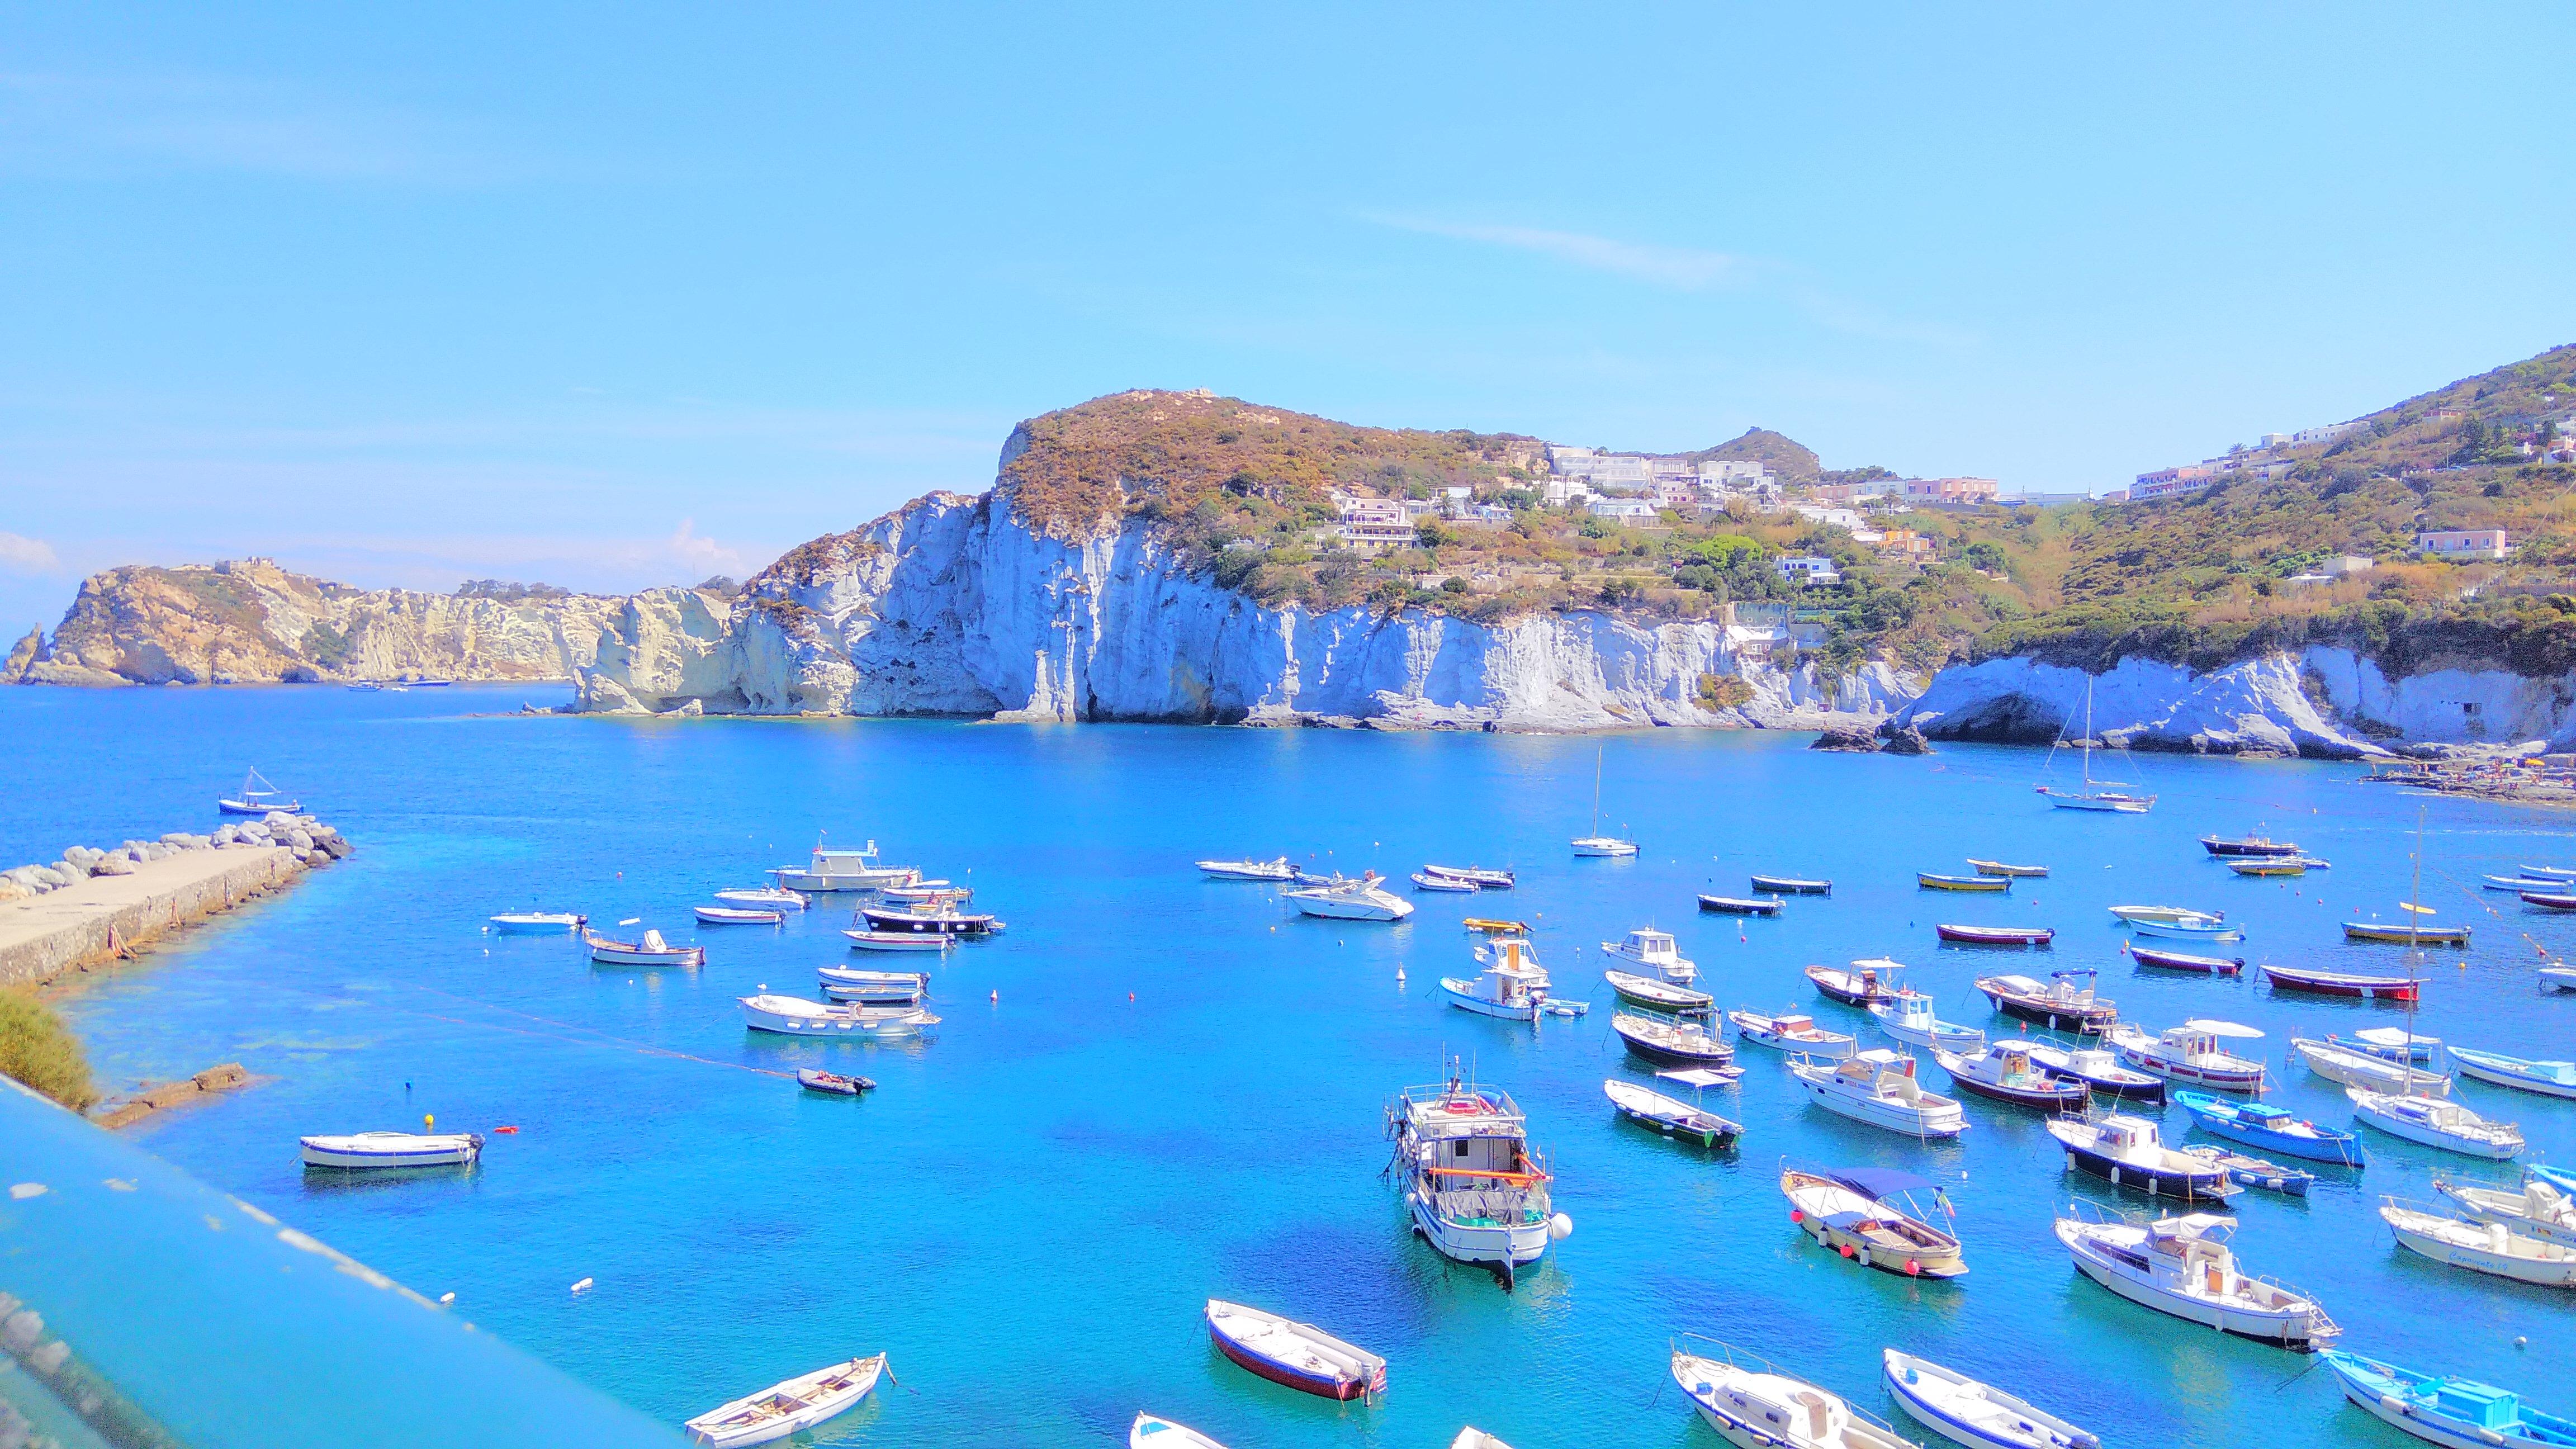 Wir wollen me(e)hr als nur Kino und Urlaub: Lassen Sie sich auf eine eher nicht so bekannte italienische Insel mitreißen!